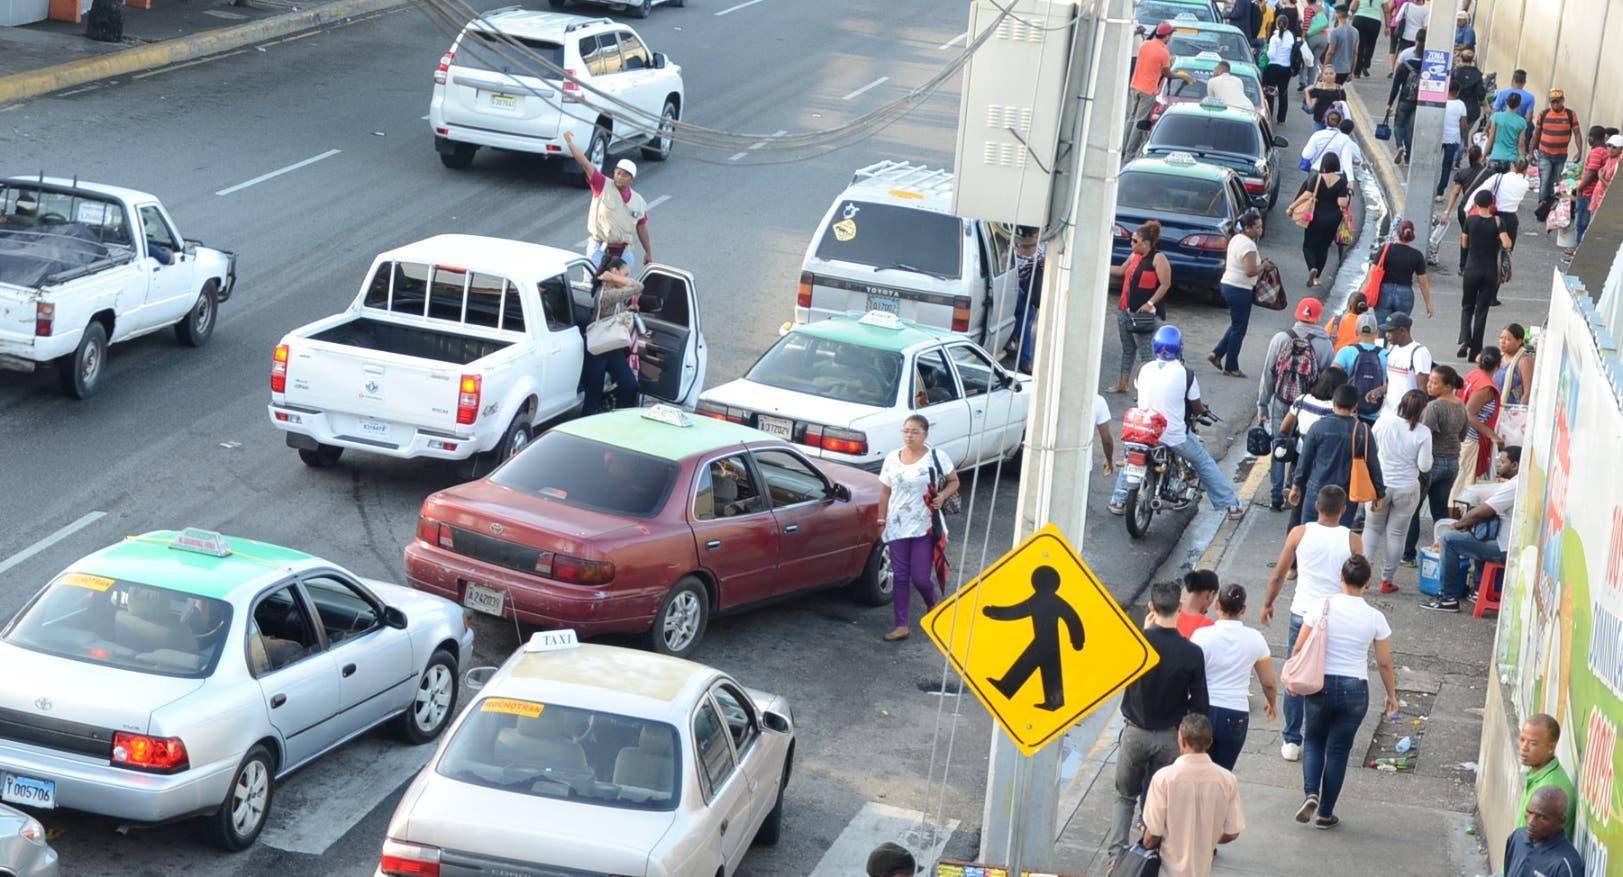 Costo y limitación horas transporte afectan a pasajeros